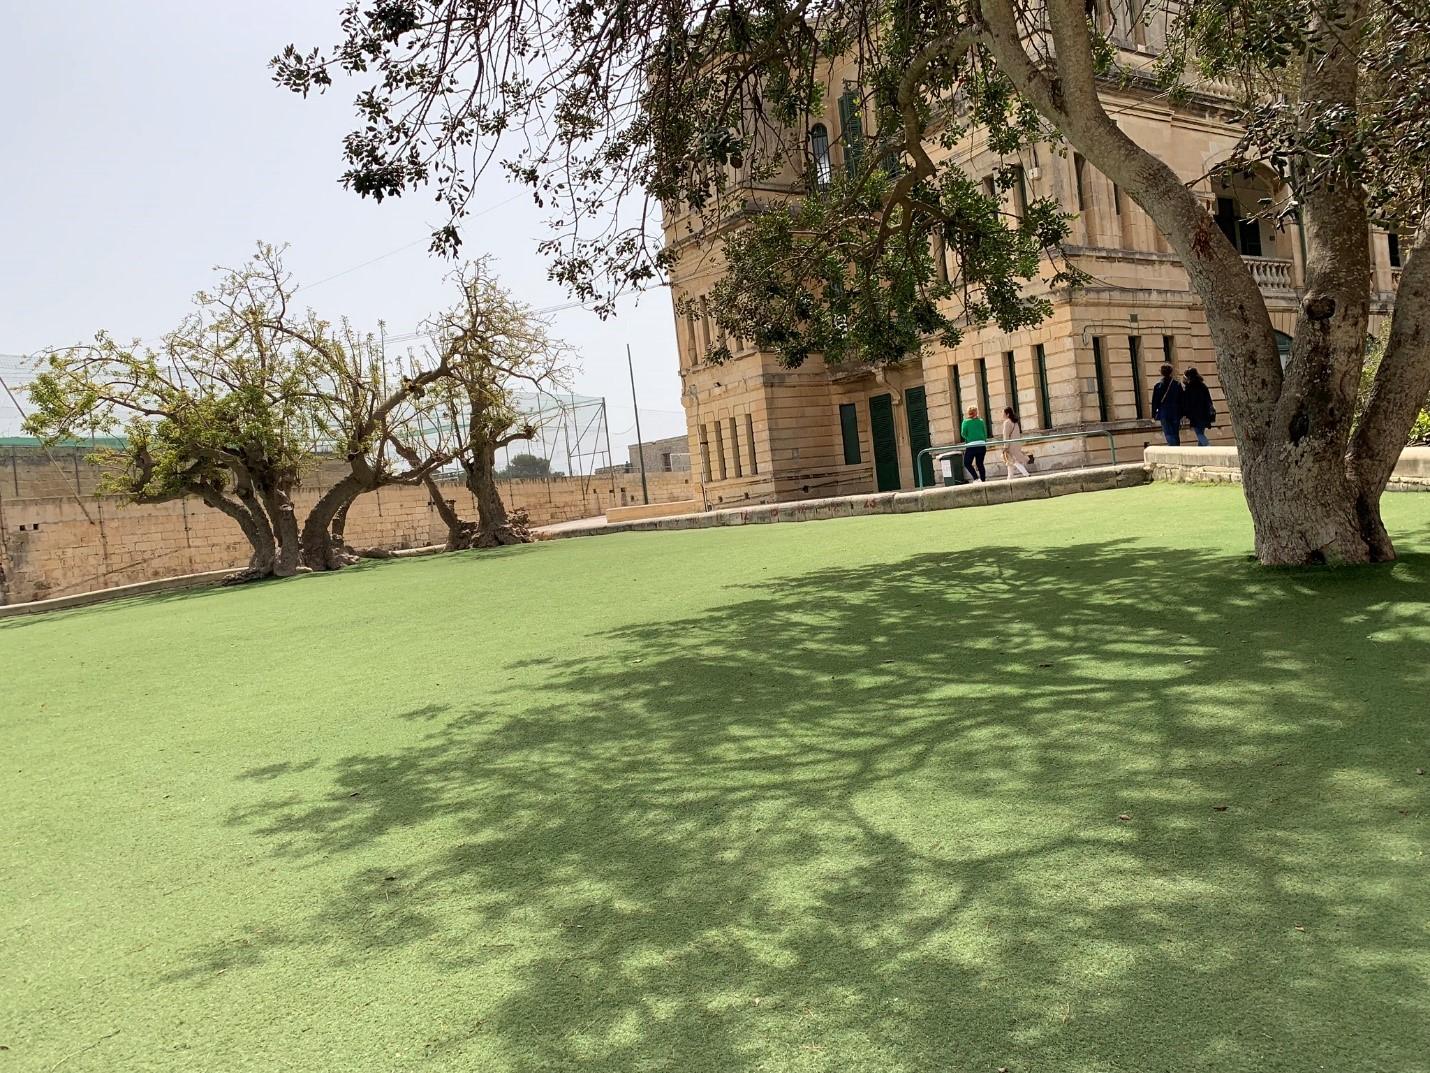 Sân trường rất đẹp và rộng lớn – Hình trong chuyến khảo sát của NVS